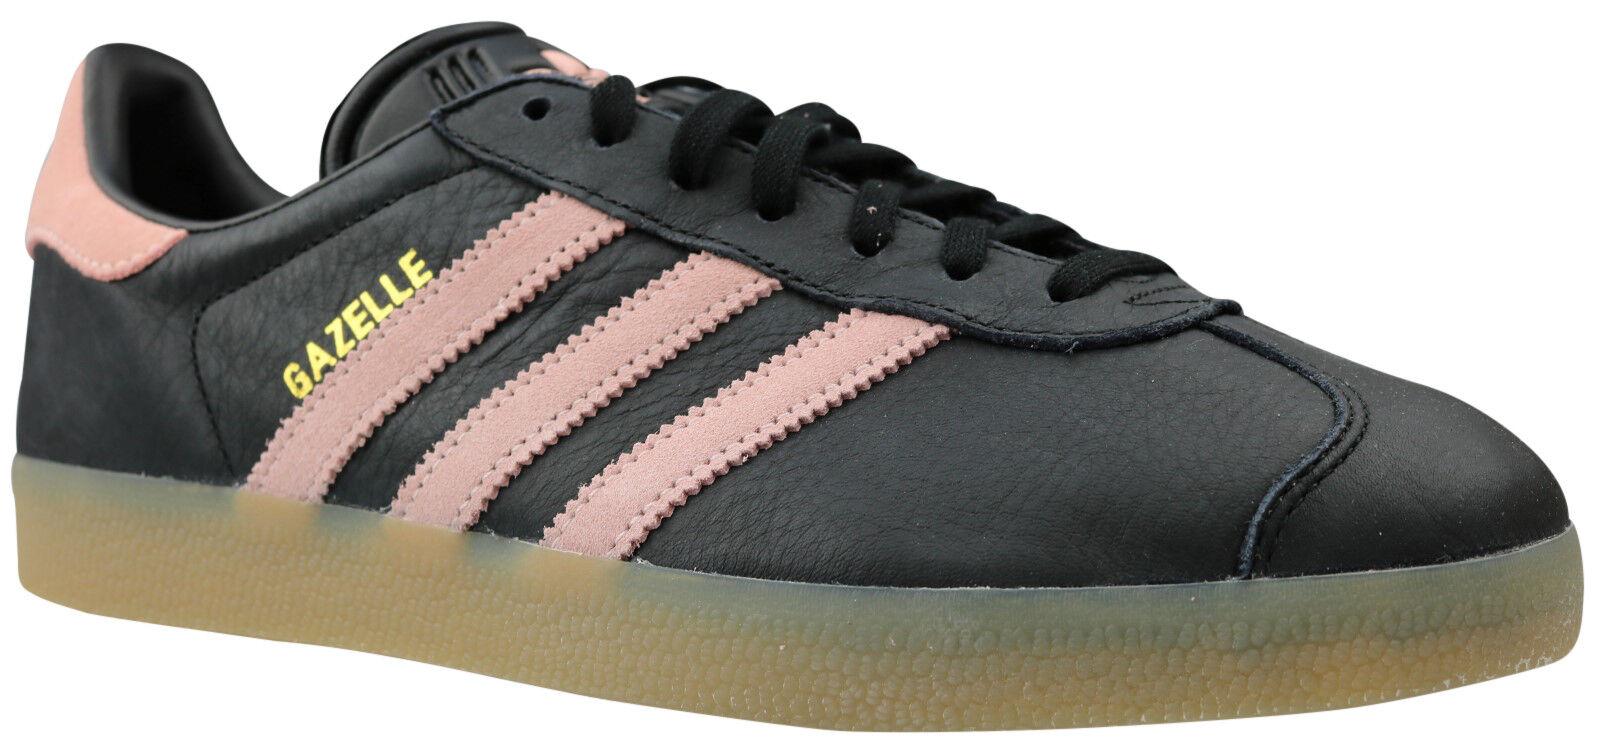 ADIDAS Originals Gazelle W Sneaker Donna Scarpe bb0661 Taglia 38 38,5 40,5 NUOVO & OVP